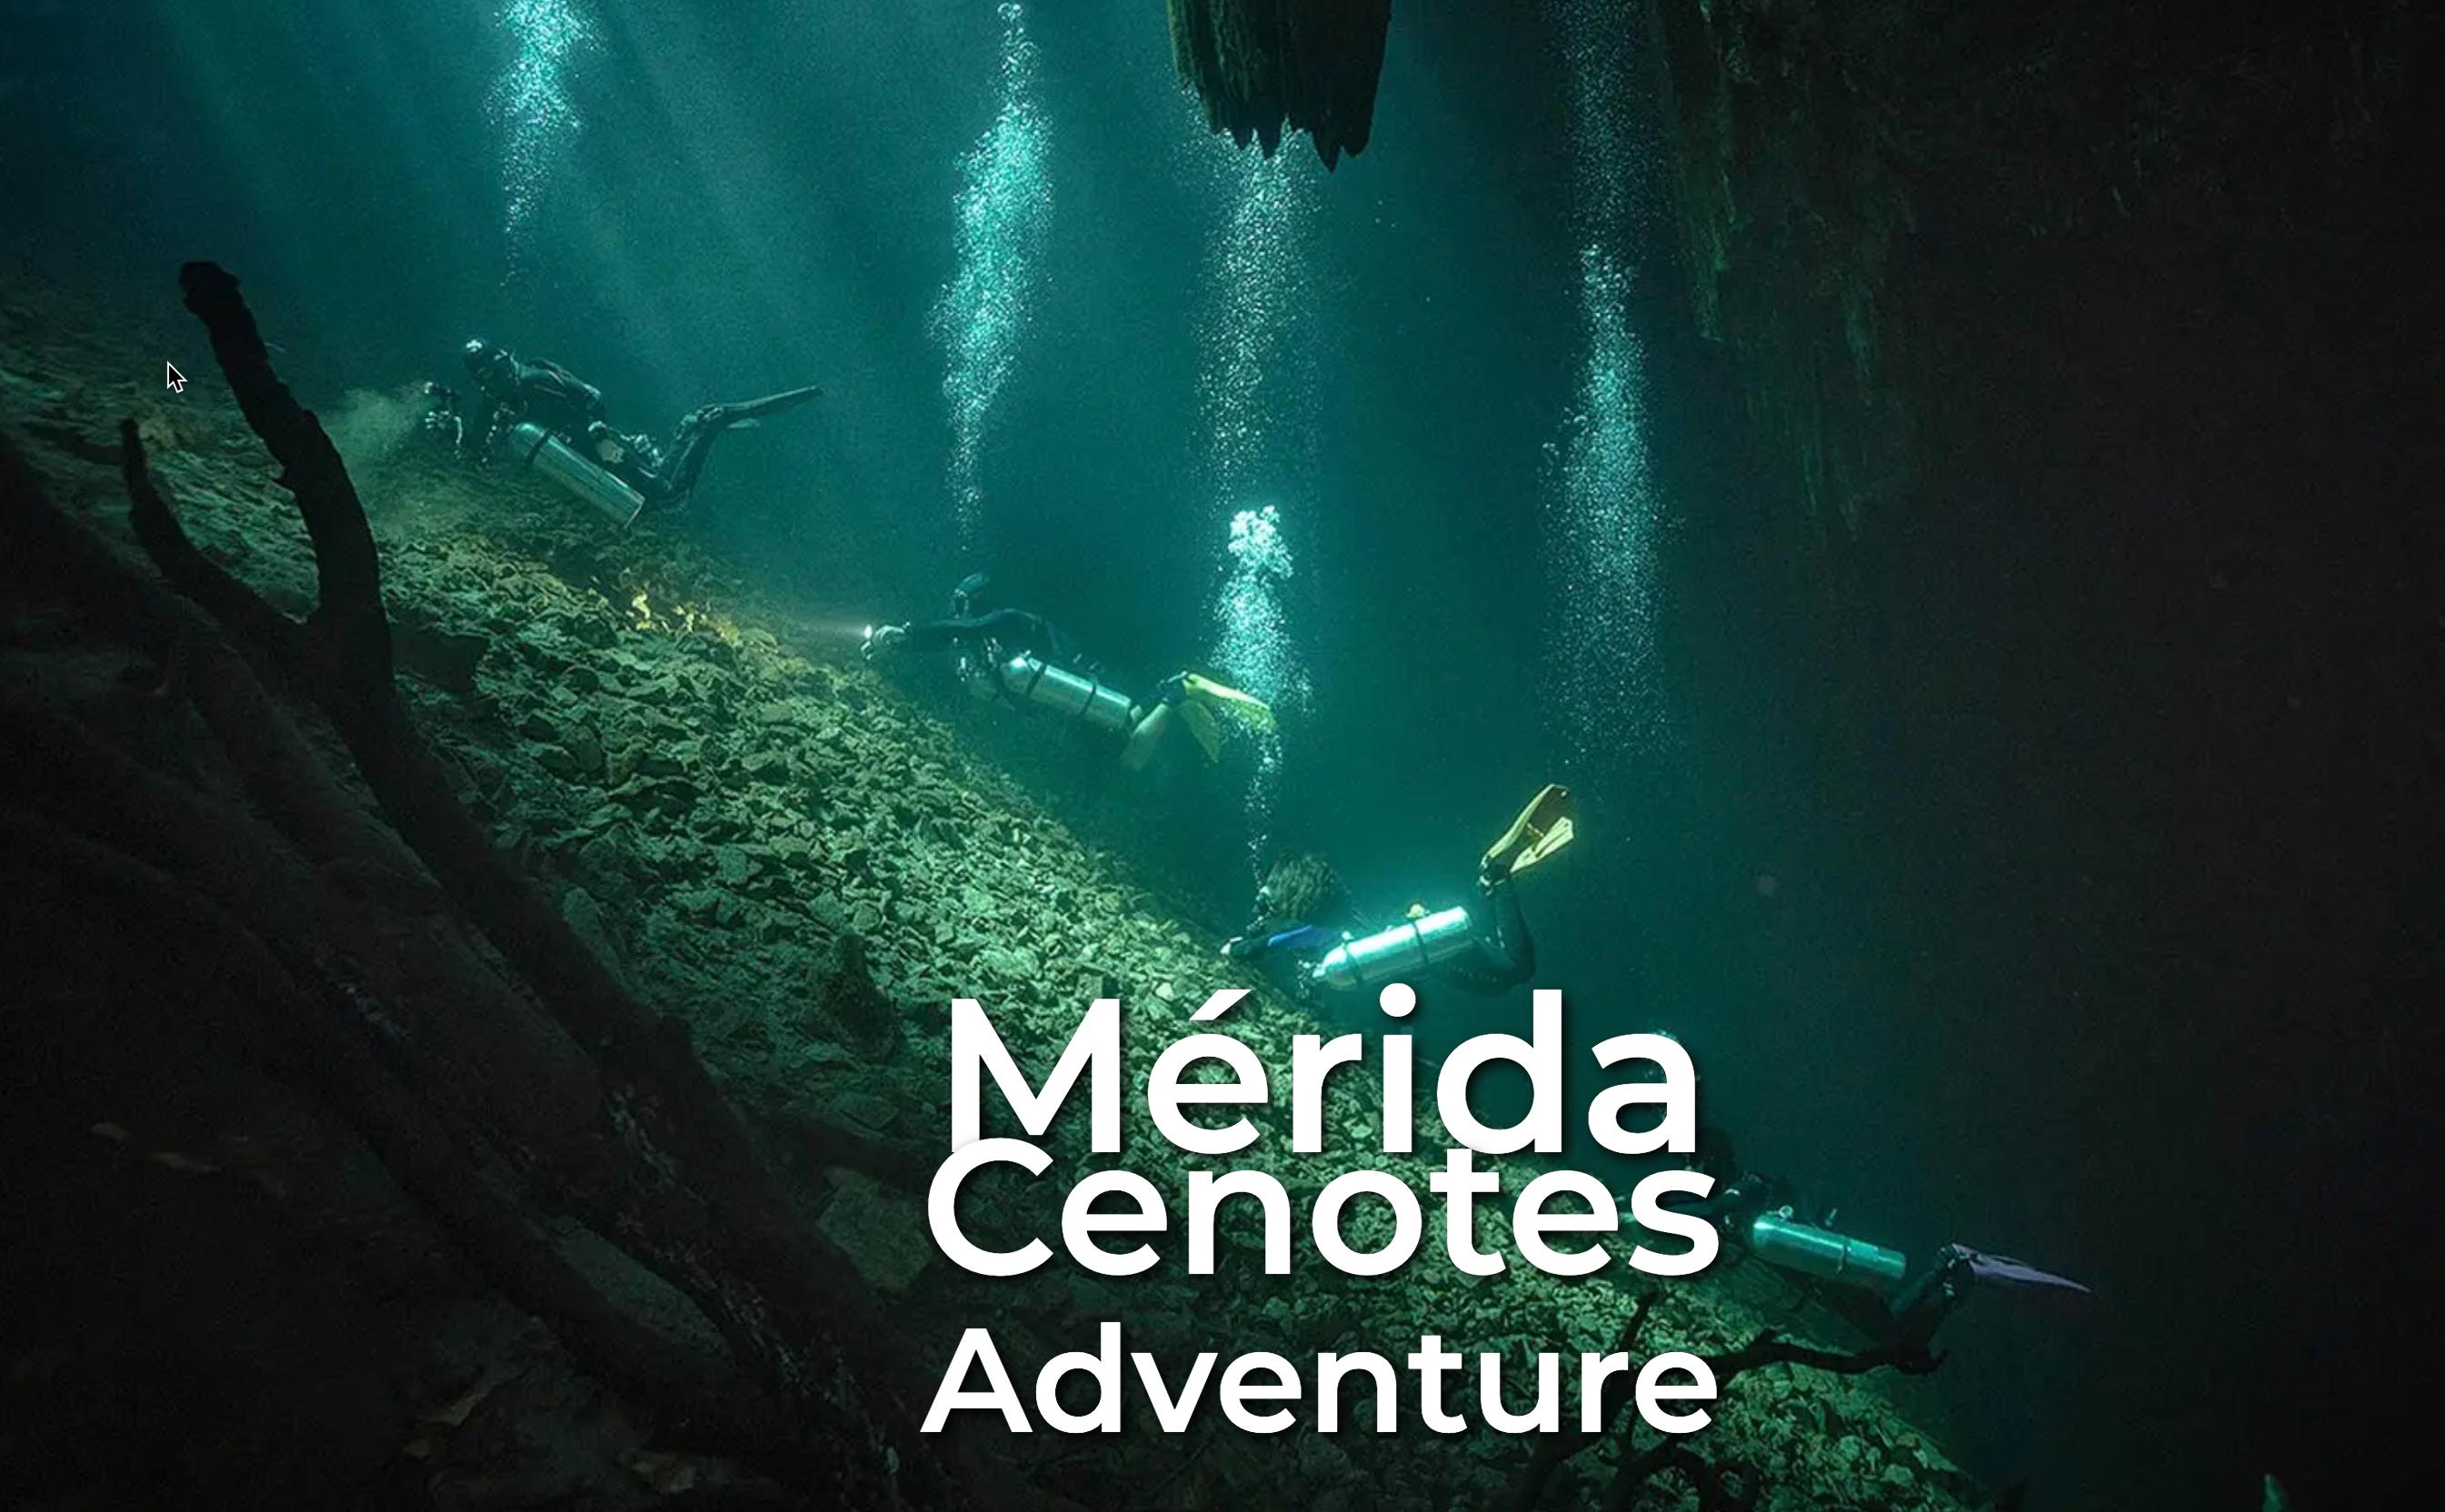 Merida Cenotes Adventure